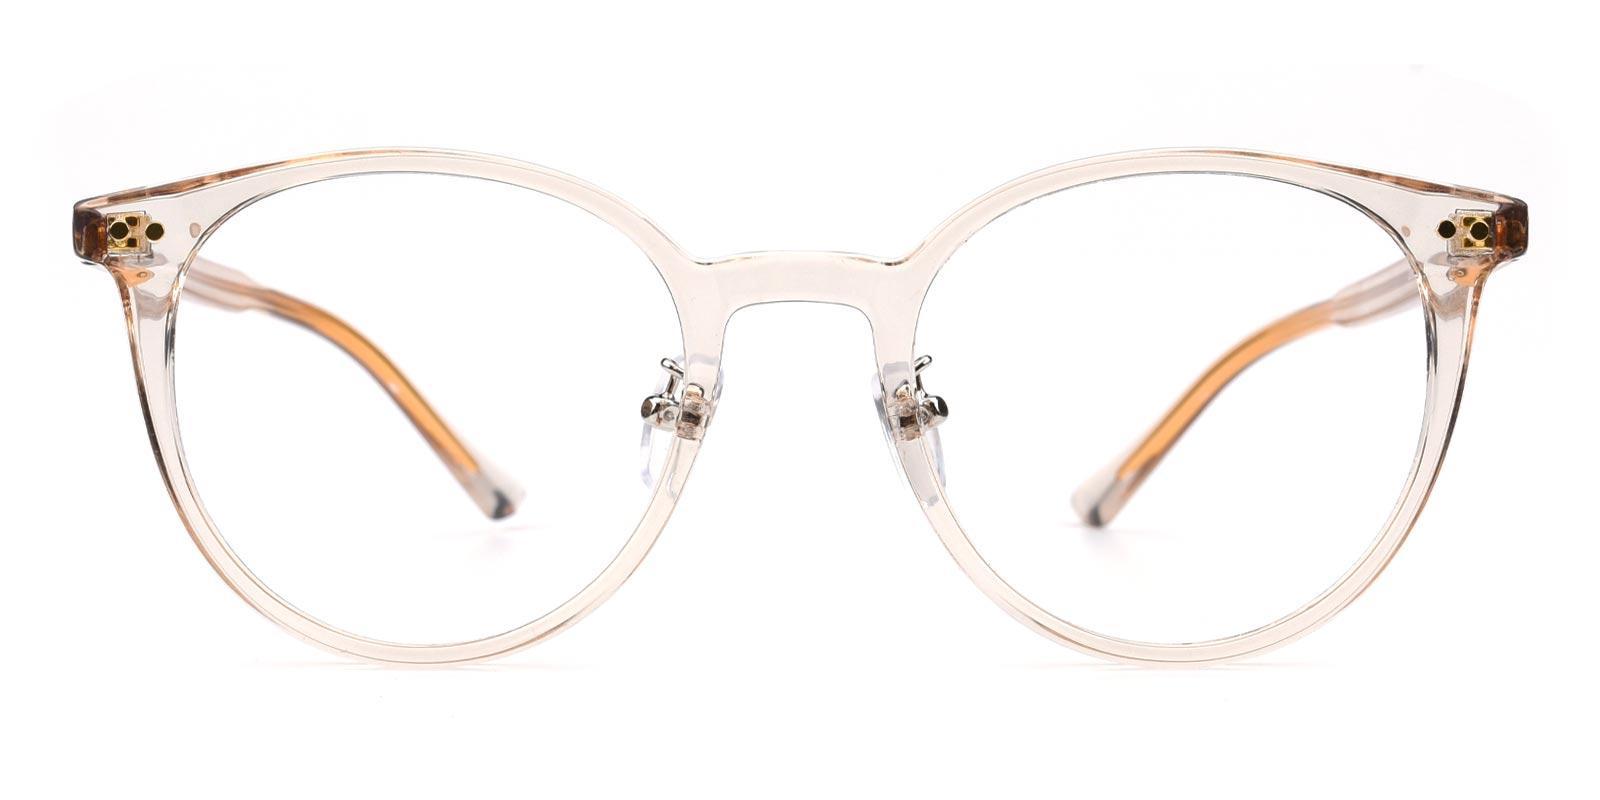 Adonia-Orange-Round-Combination-Eyeglasses-additional2